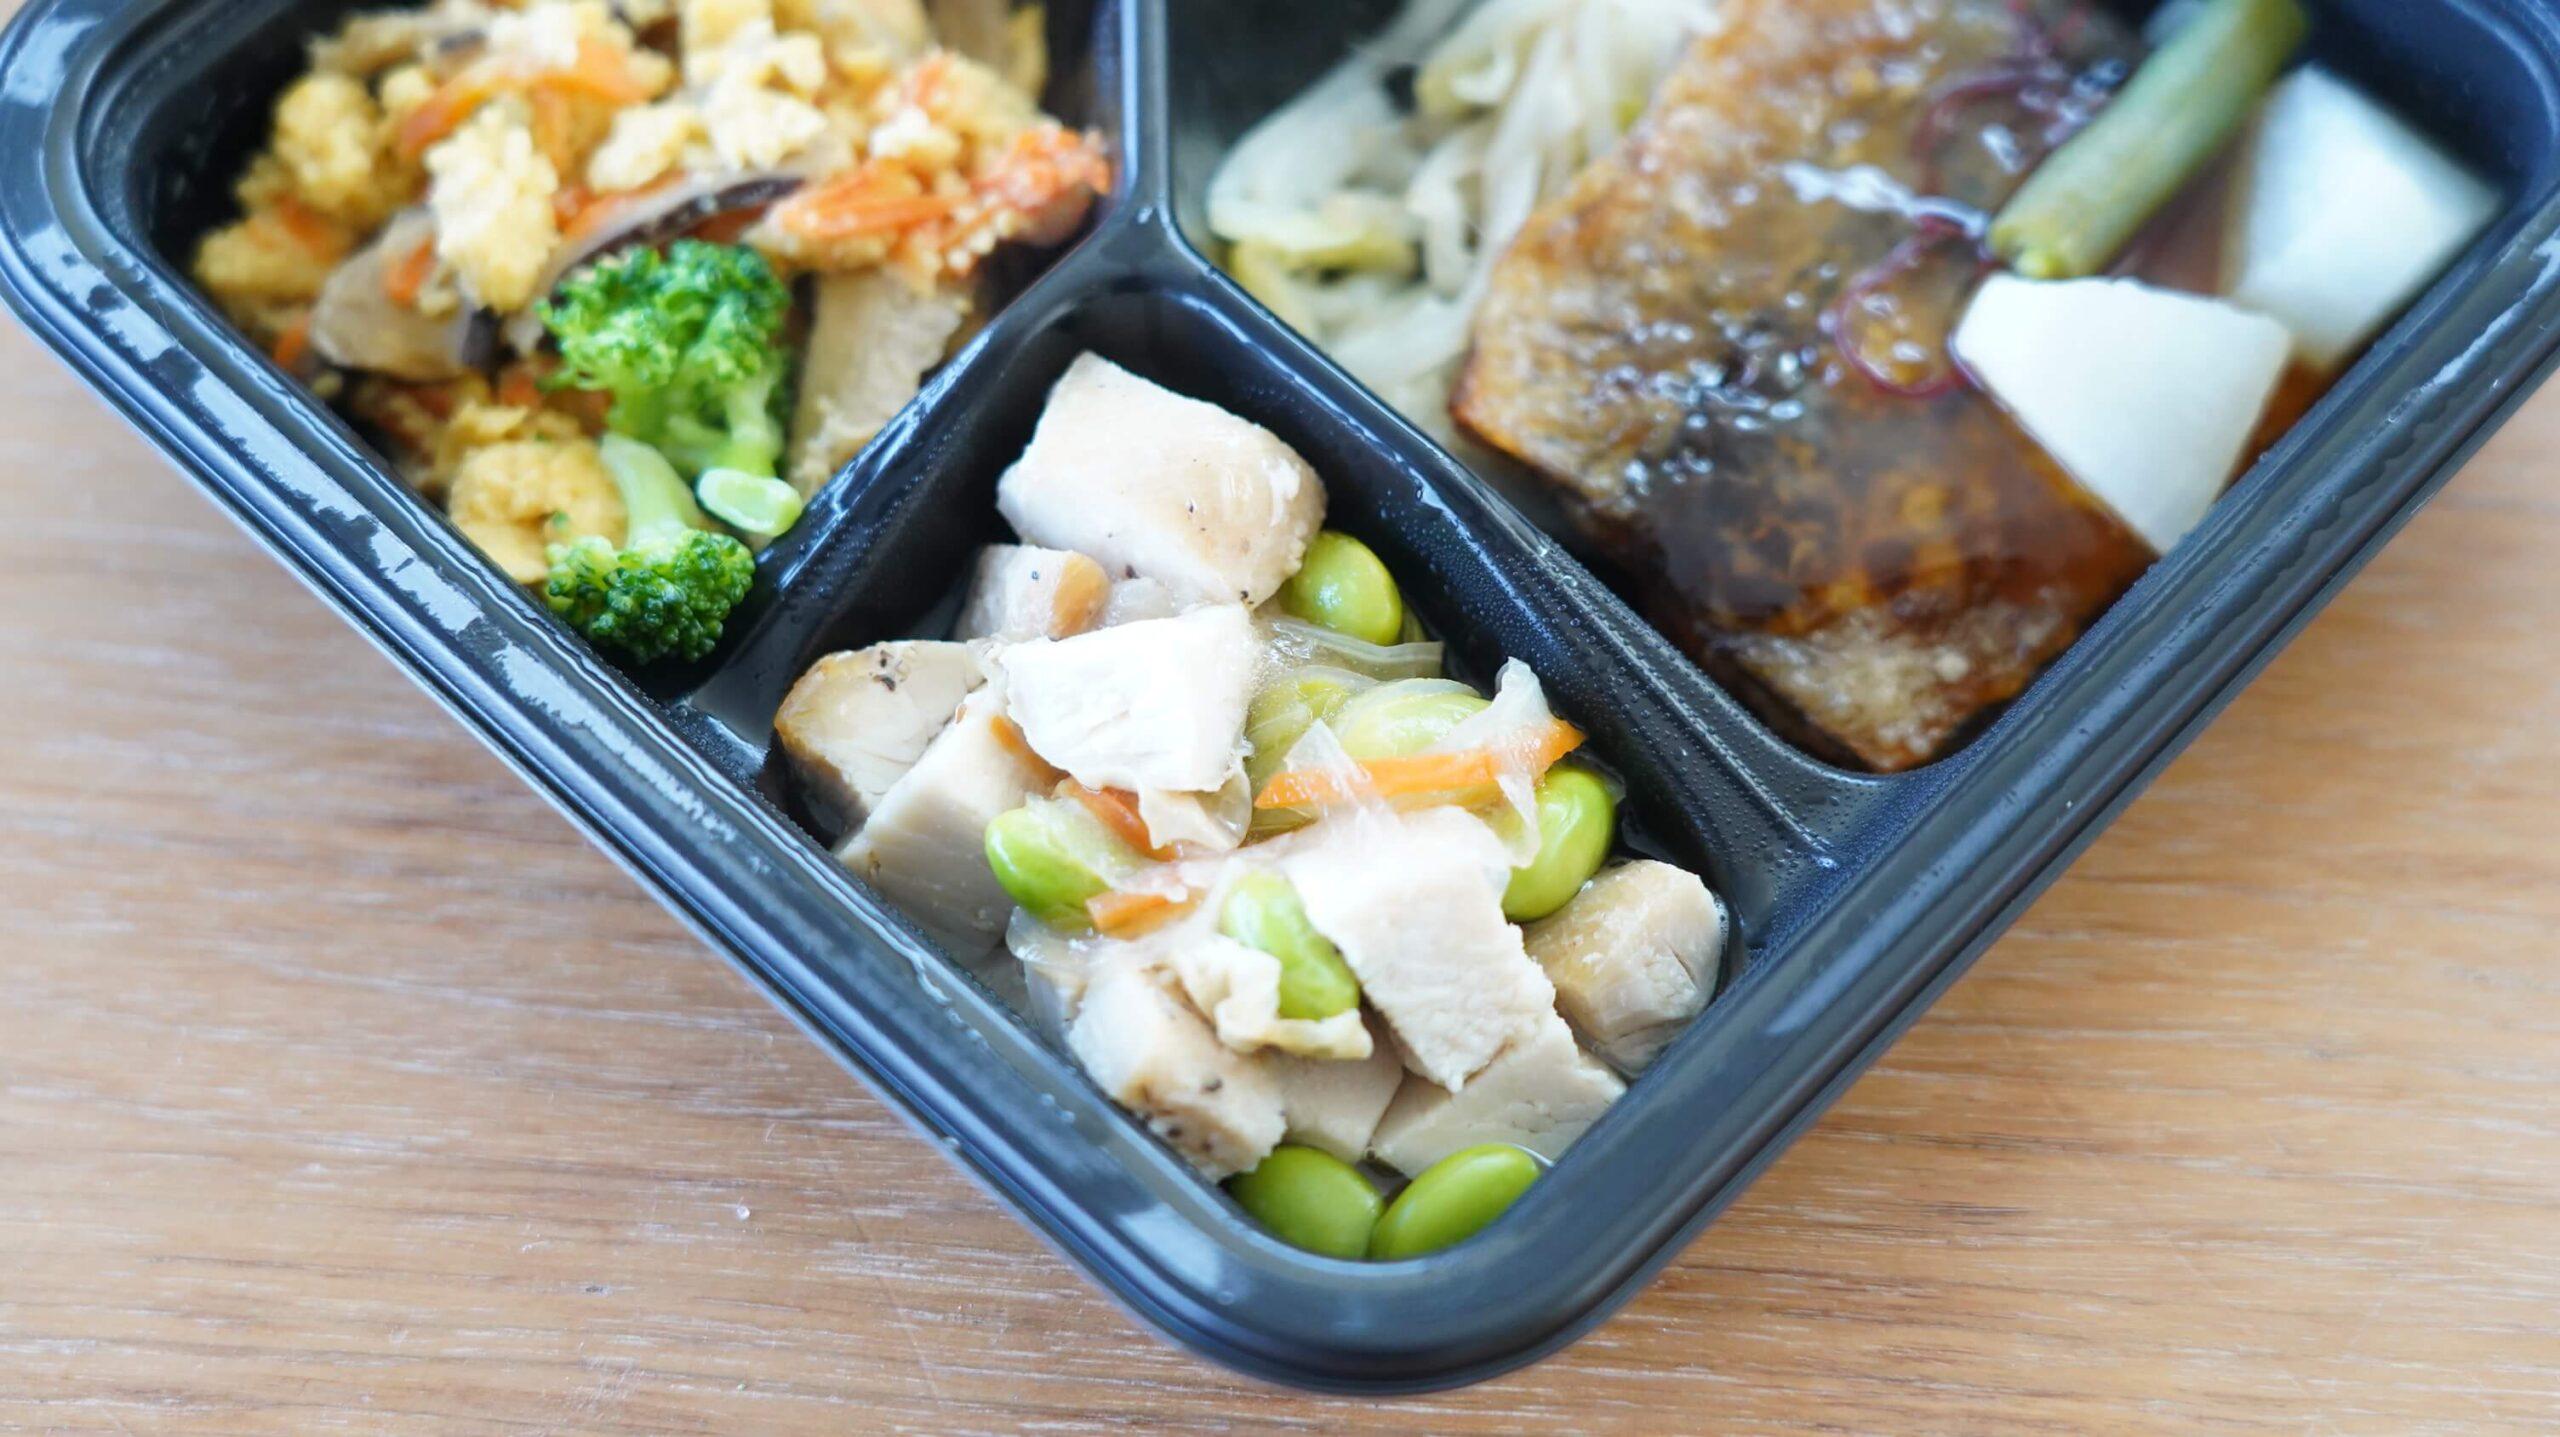 ライザップのサポートミール「さんまの竜田揚げ」の「鶏むね肉の甘酢あんかけ」の写真